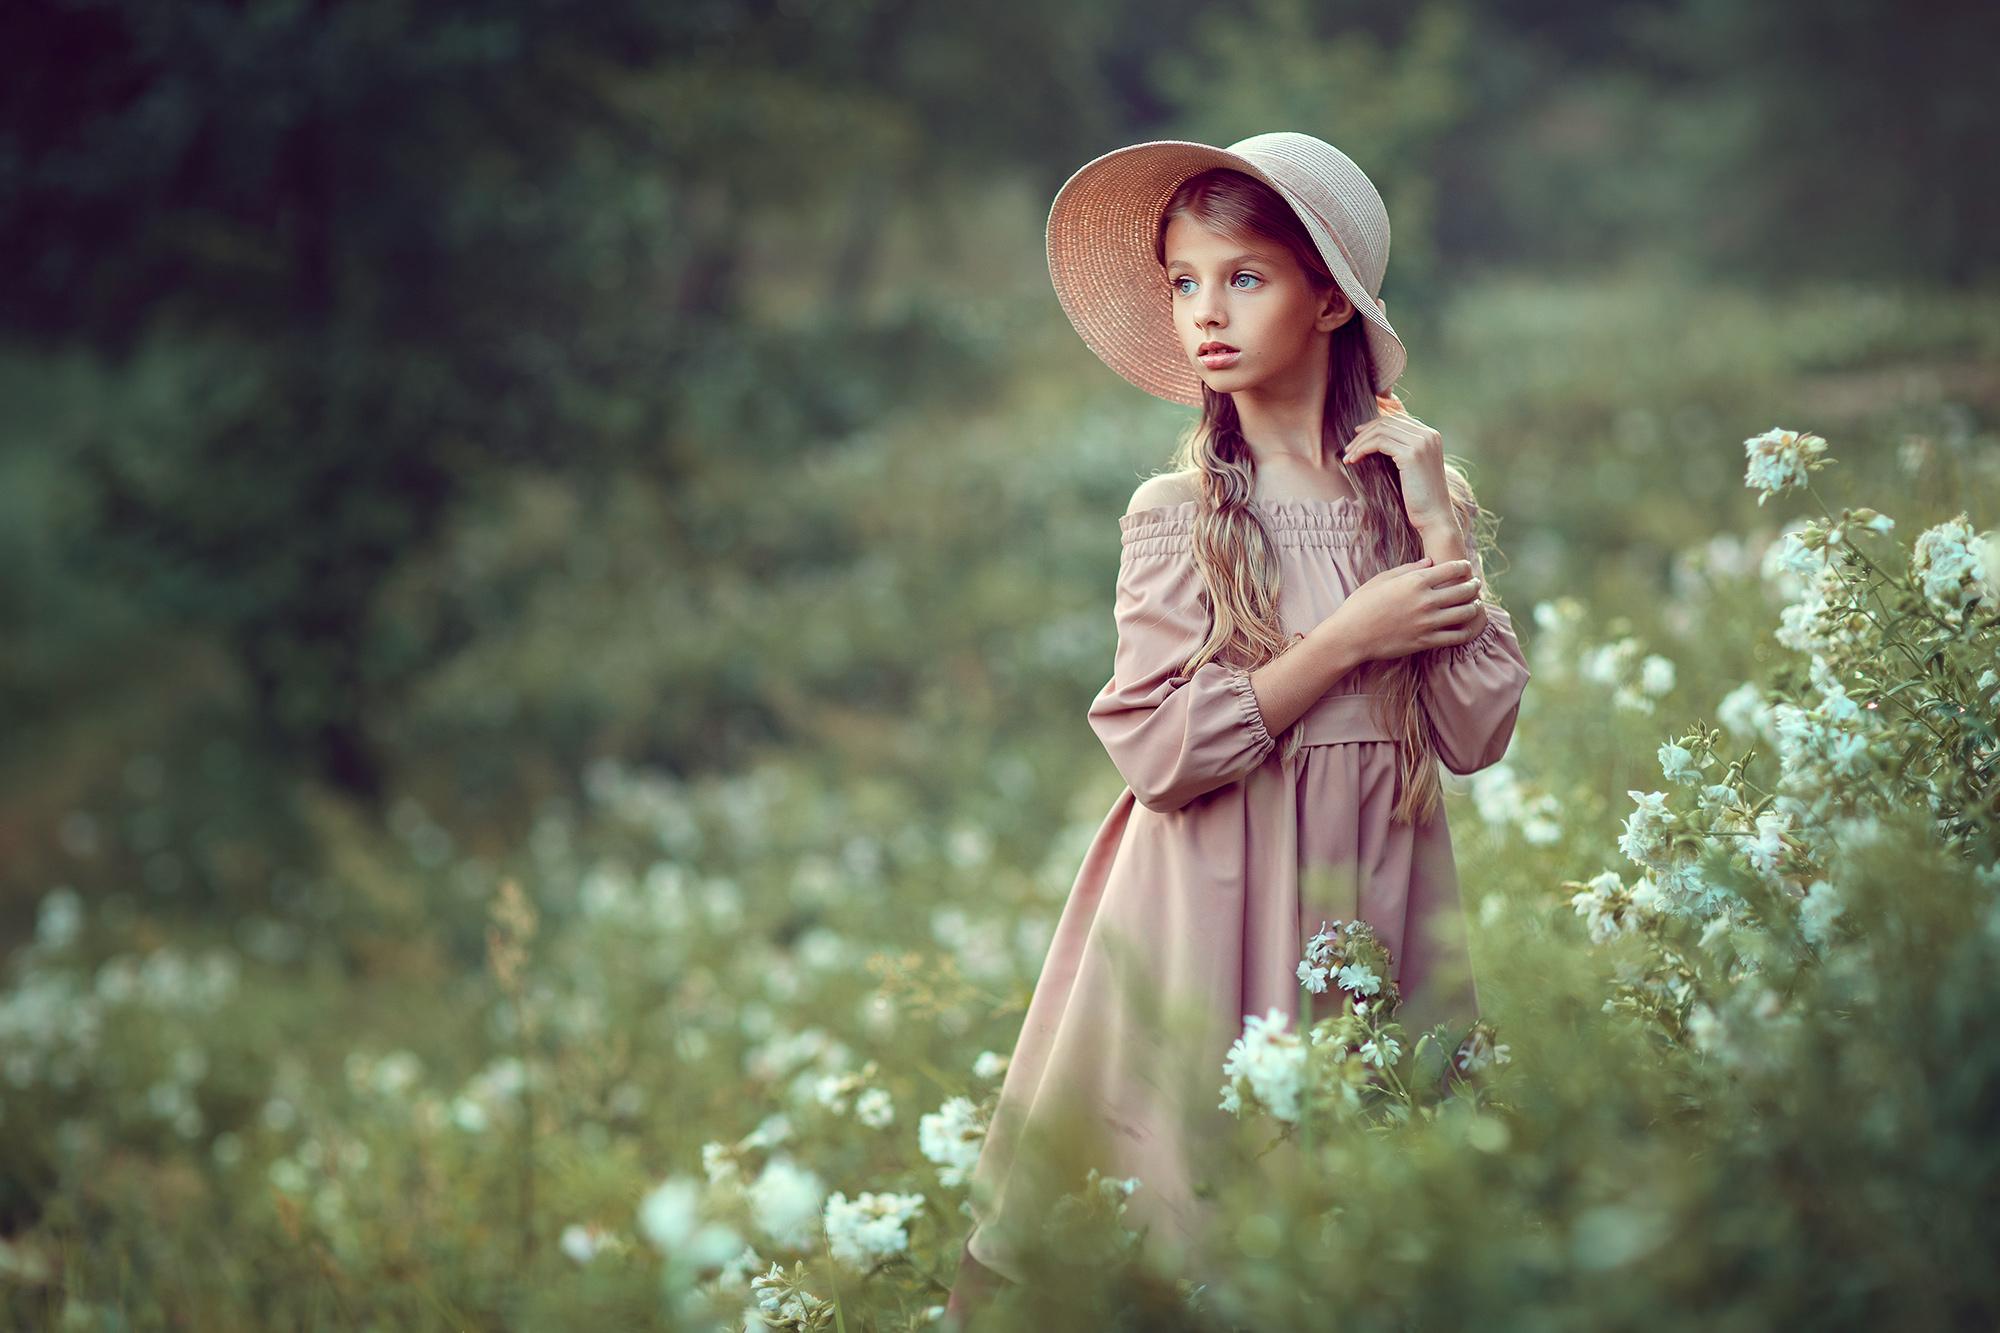 Красивая фотосессия для девочки на природе. Девочка в цветах. Детский фотограф в Москве